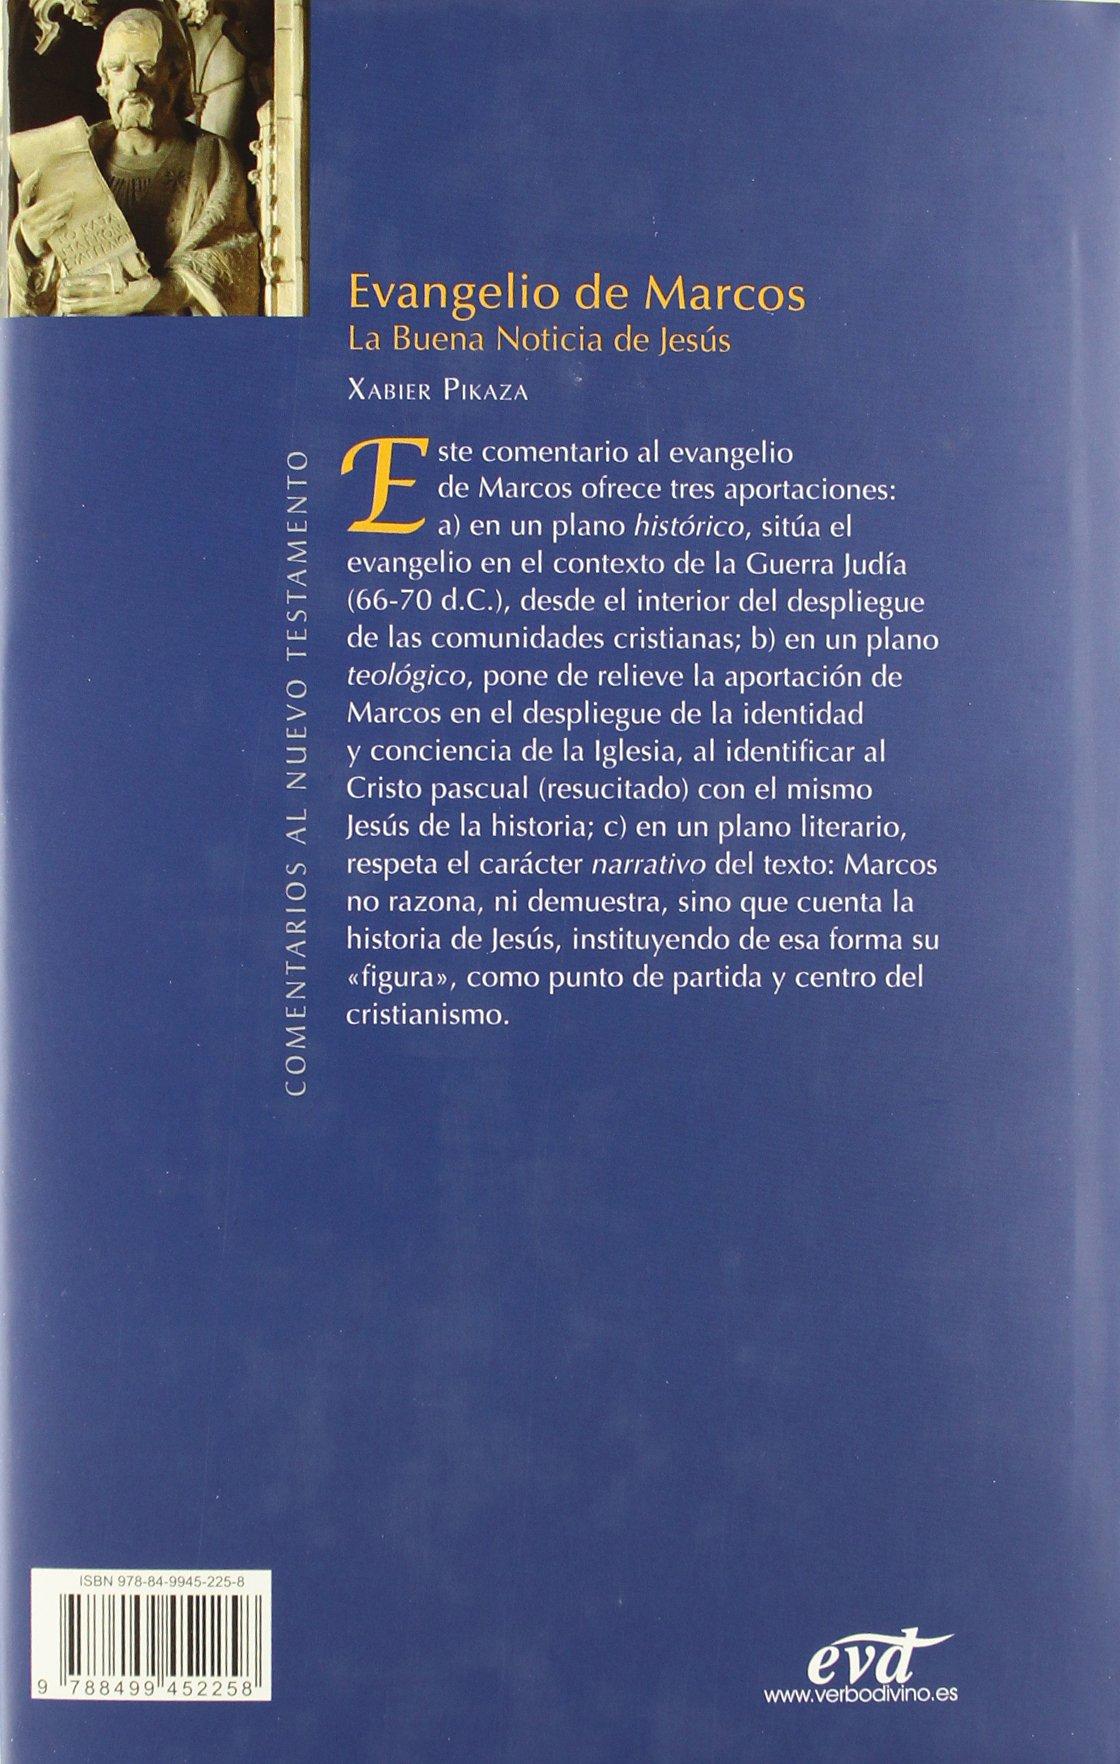 Evangelio De Marcos Evd : La buena noticia de jesús Comentarios teológicos  y literarios del at y nt: Amazon.es: Pikaza Ibarrondo, Xabier: Libros